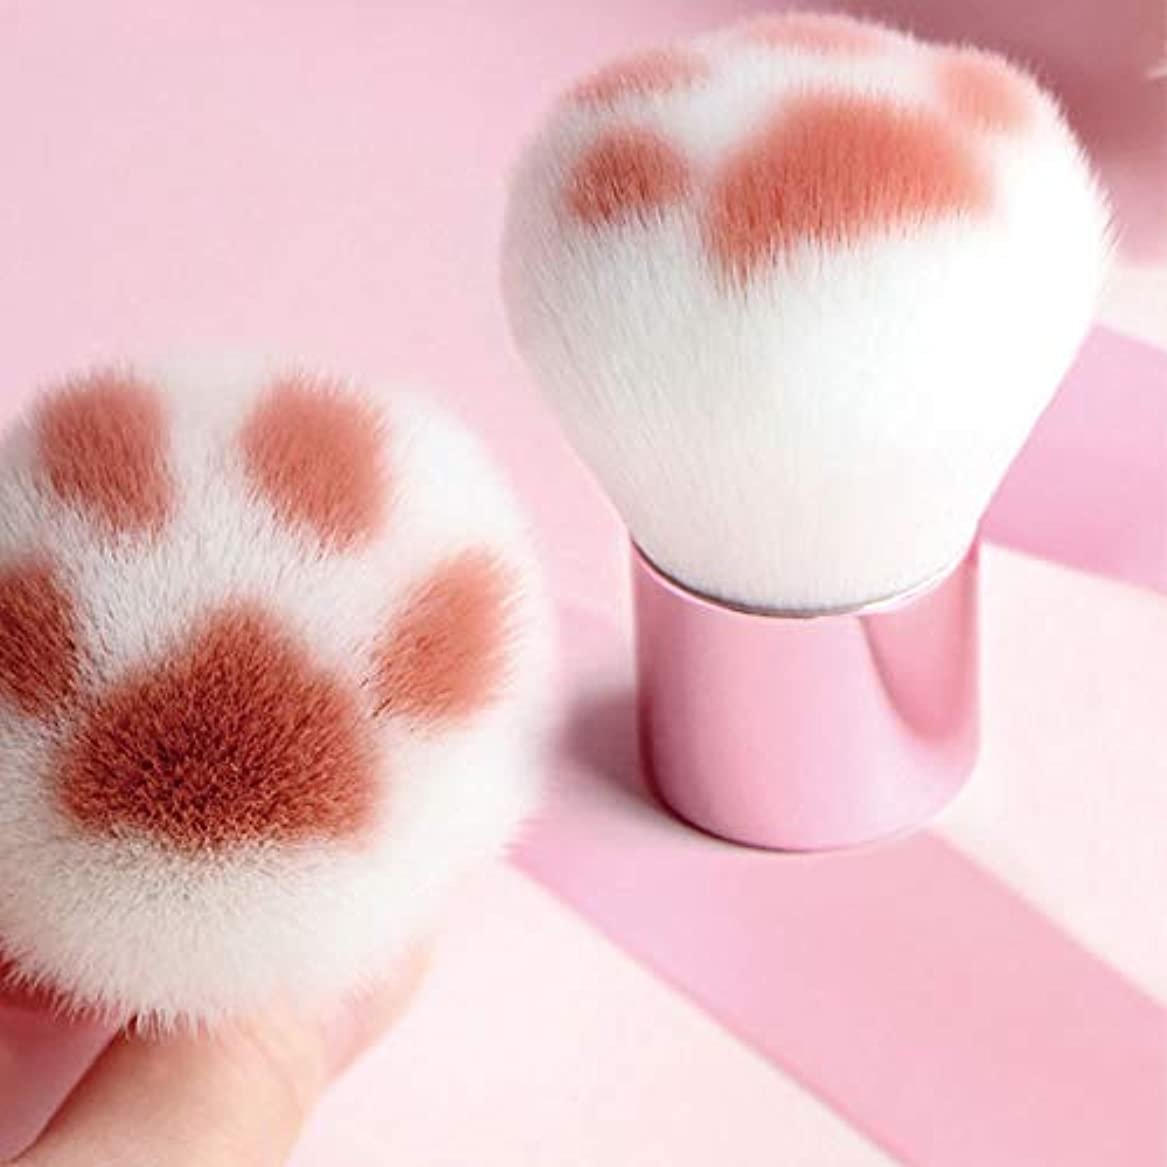 衝突コースそっと転用化粧ブラシ、ファンデーションブラシ、猫の爪形化粧ブラシ、カワイイファンデーションブラシ、バーチハンドルレーヨン化粧ブラシ美容化粧ツール (Black)